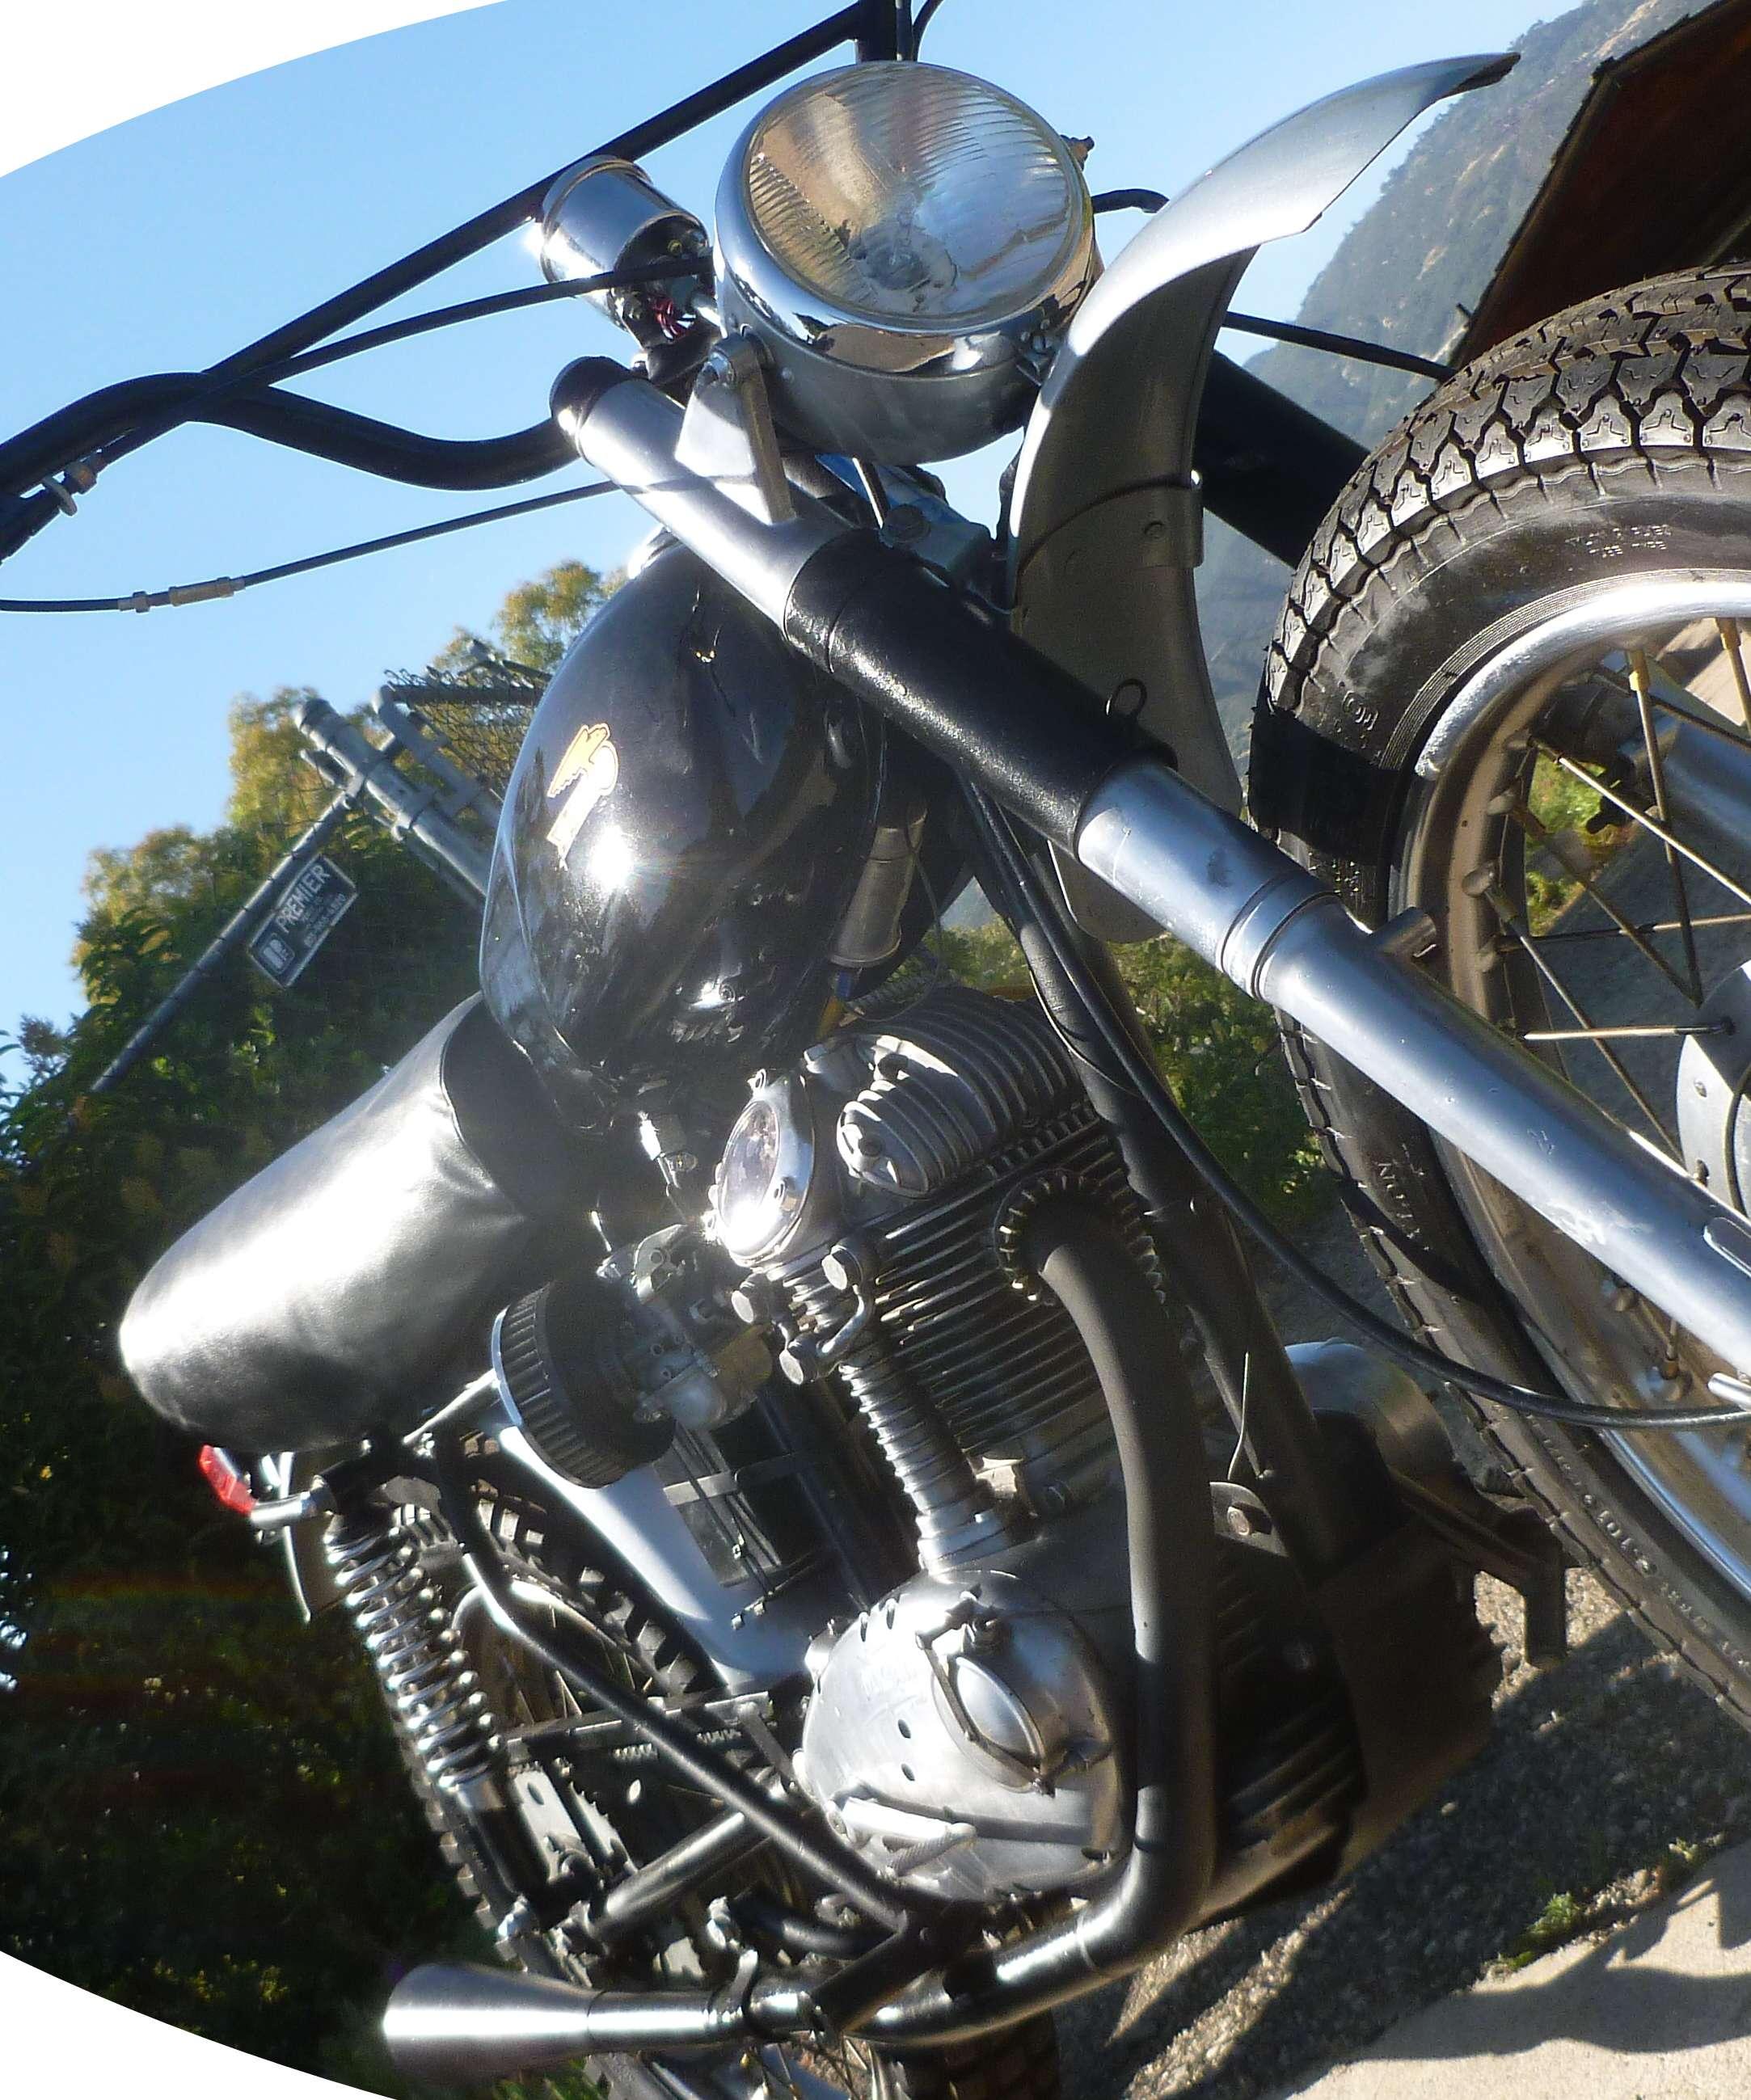 Ducati 1965 Scrambler 250 Narrow case 9